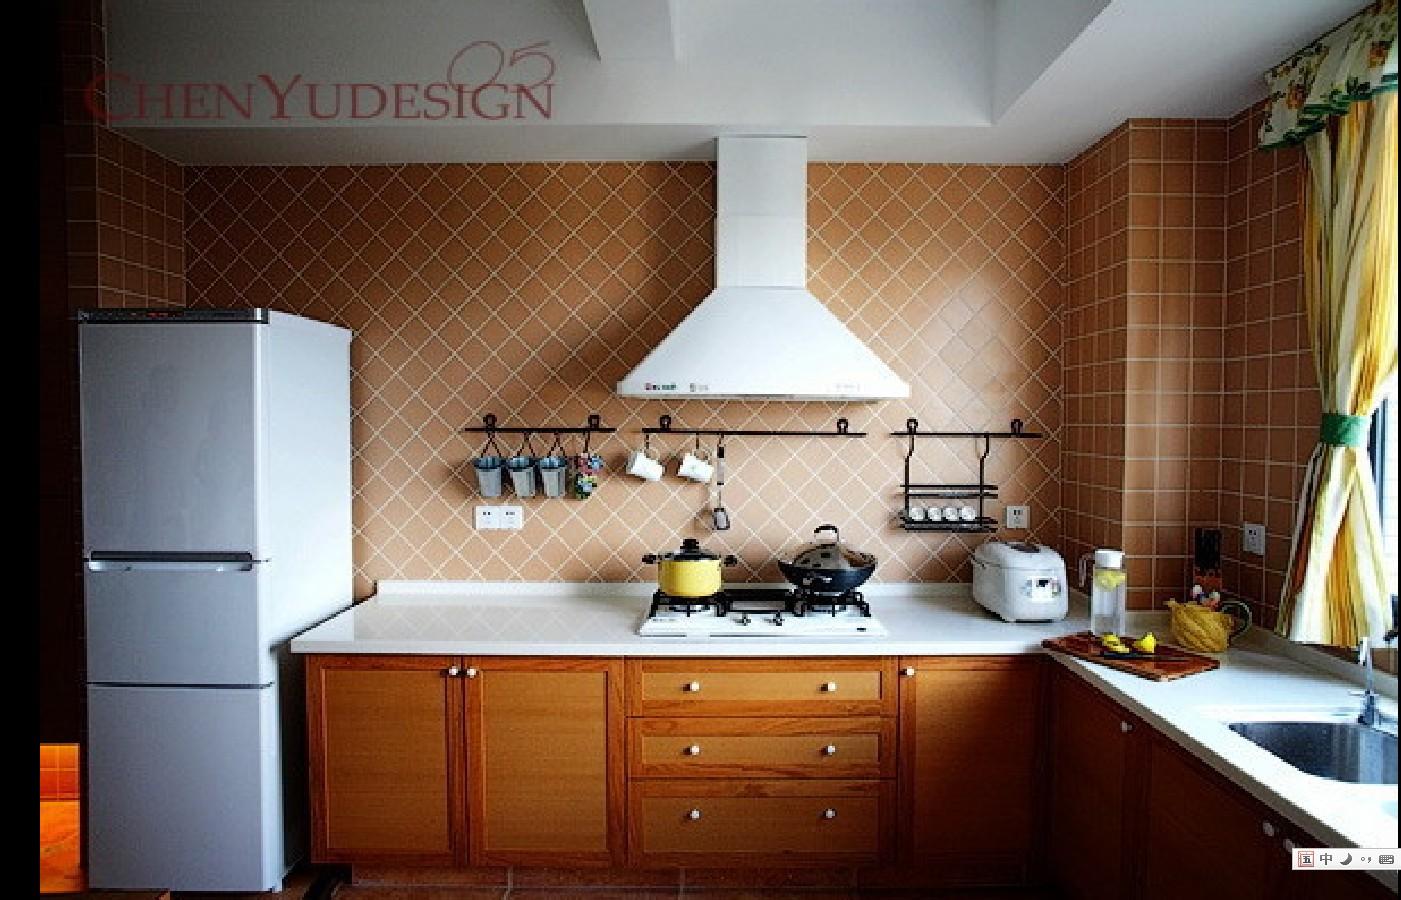 洁白的大理石台现让污垢难以遁形,厨房间的设计也延用客厅的简洁.图片